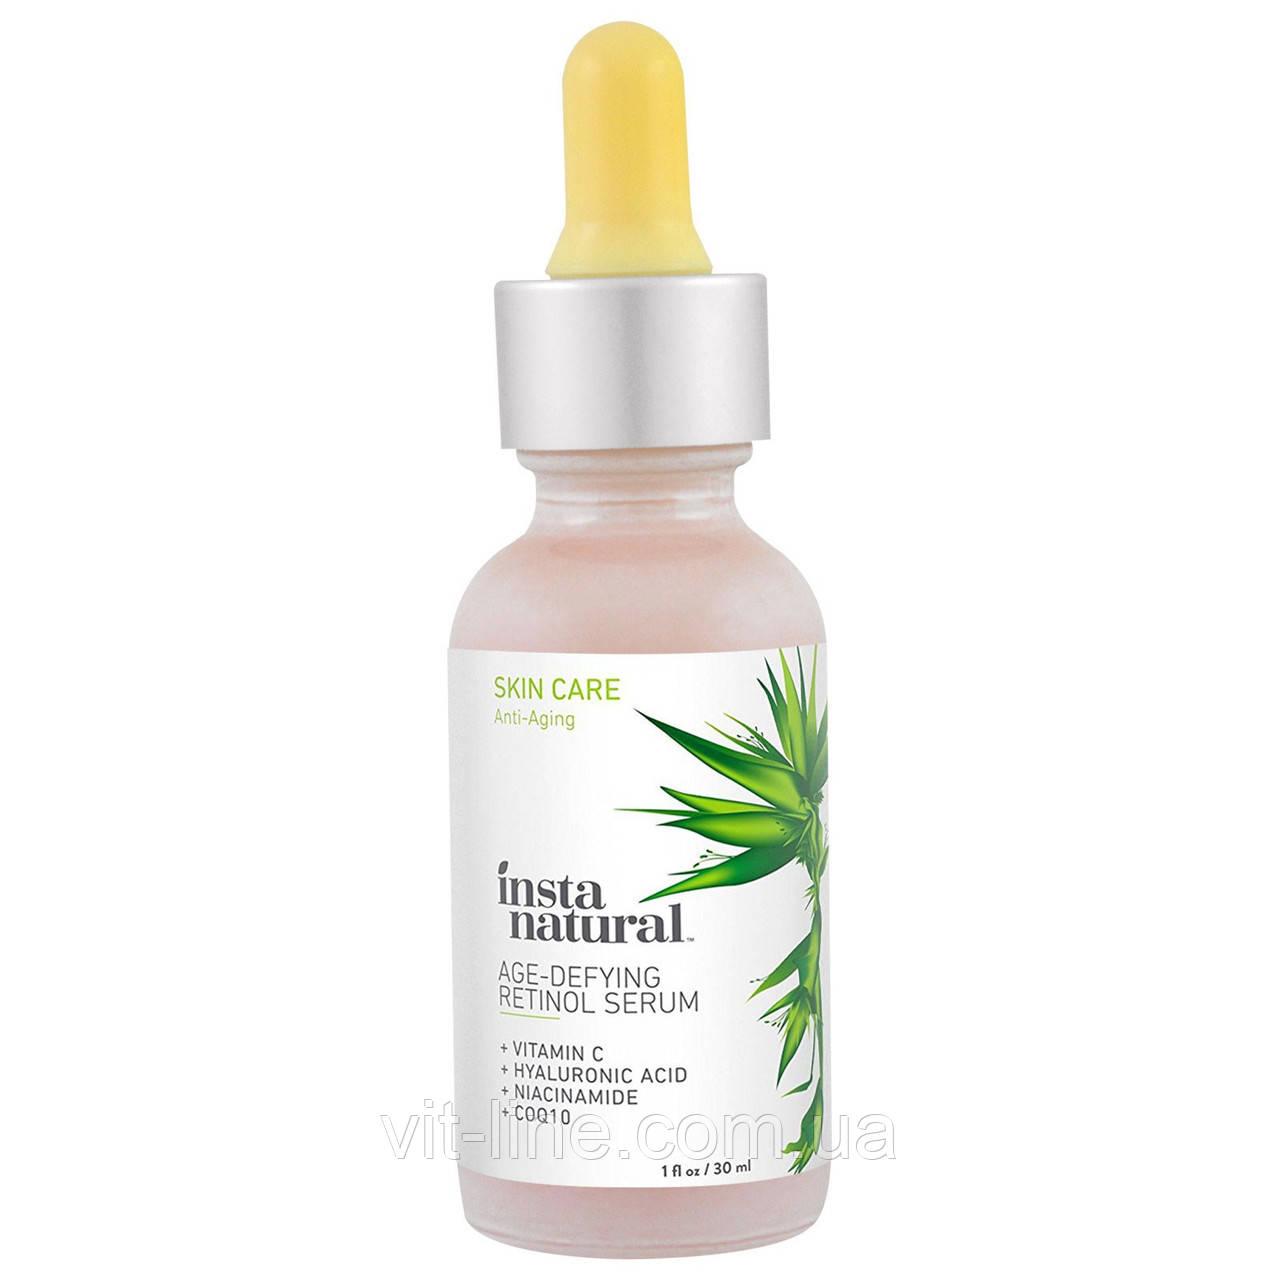 InstaNatural, Retinol Serum Сыворотка с витамином С и гиалуроновой кислотой +CoQ10 (30 ml)